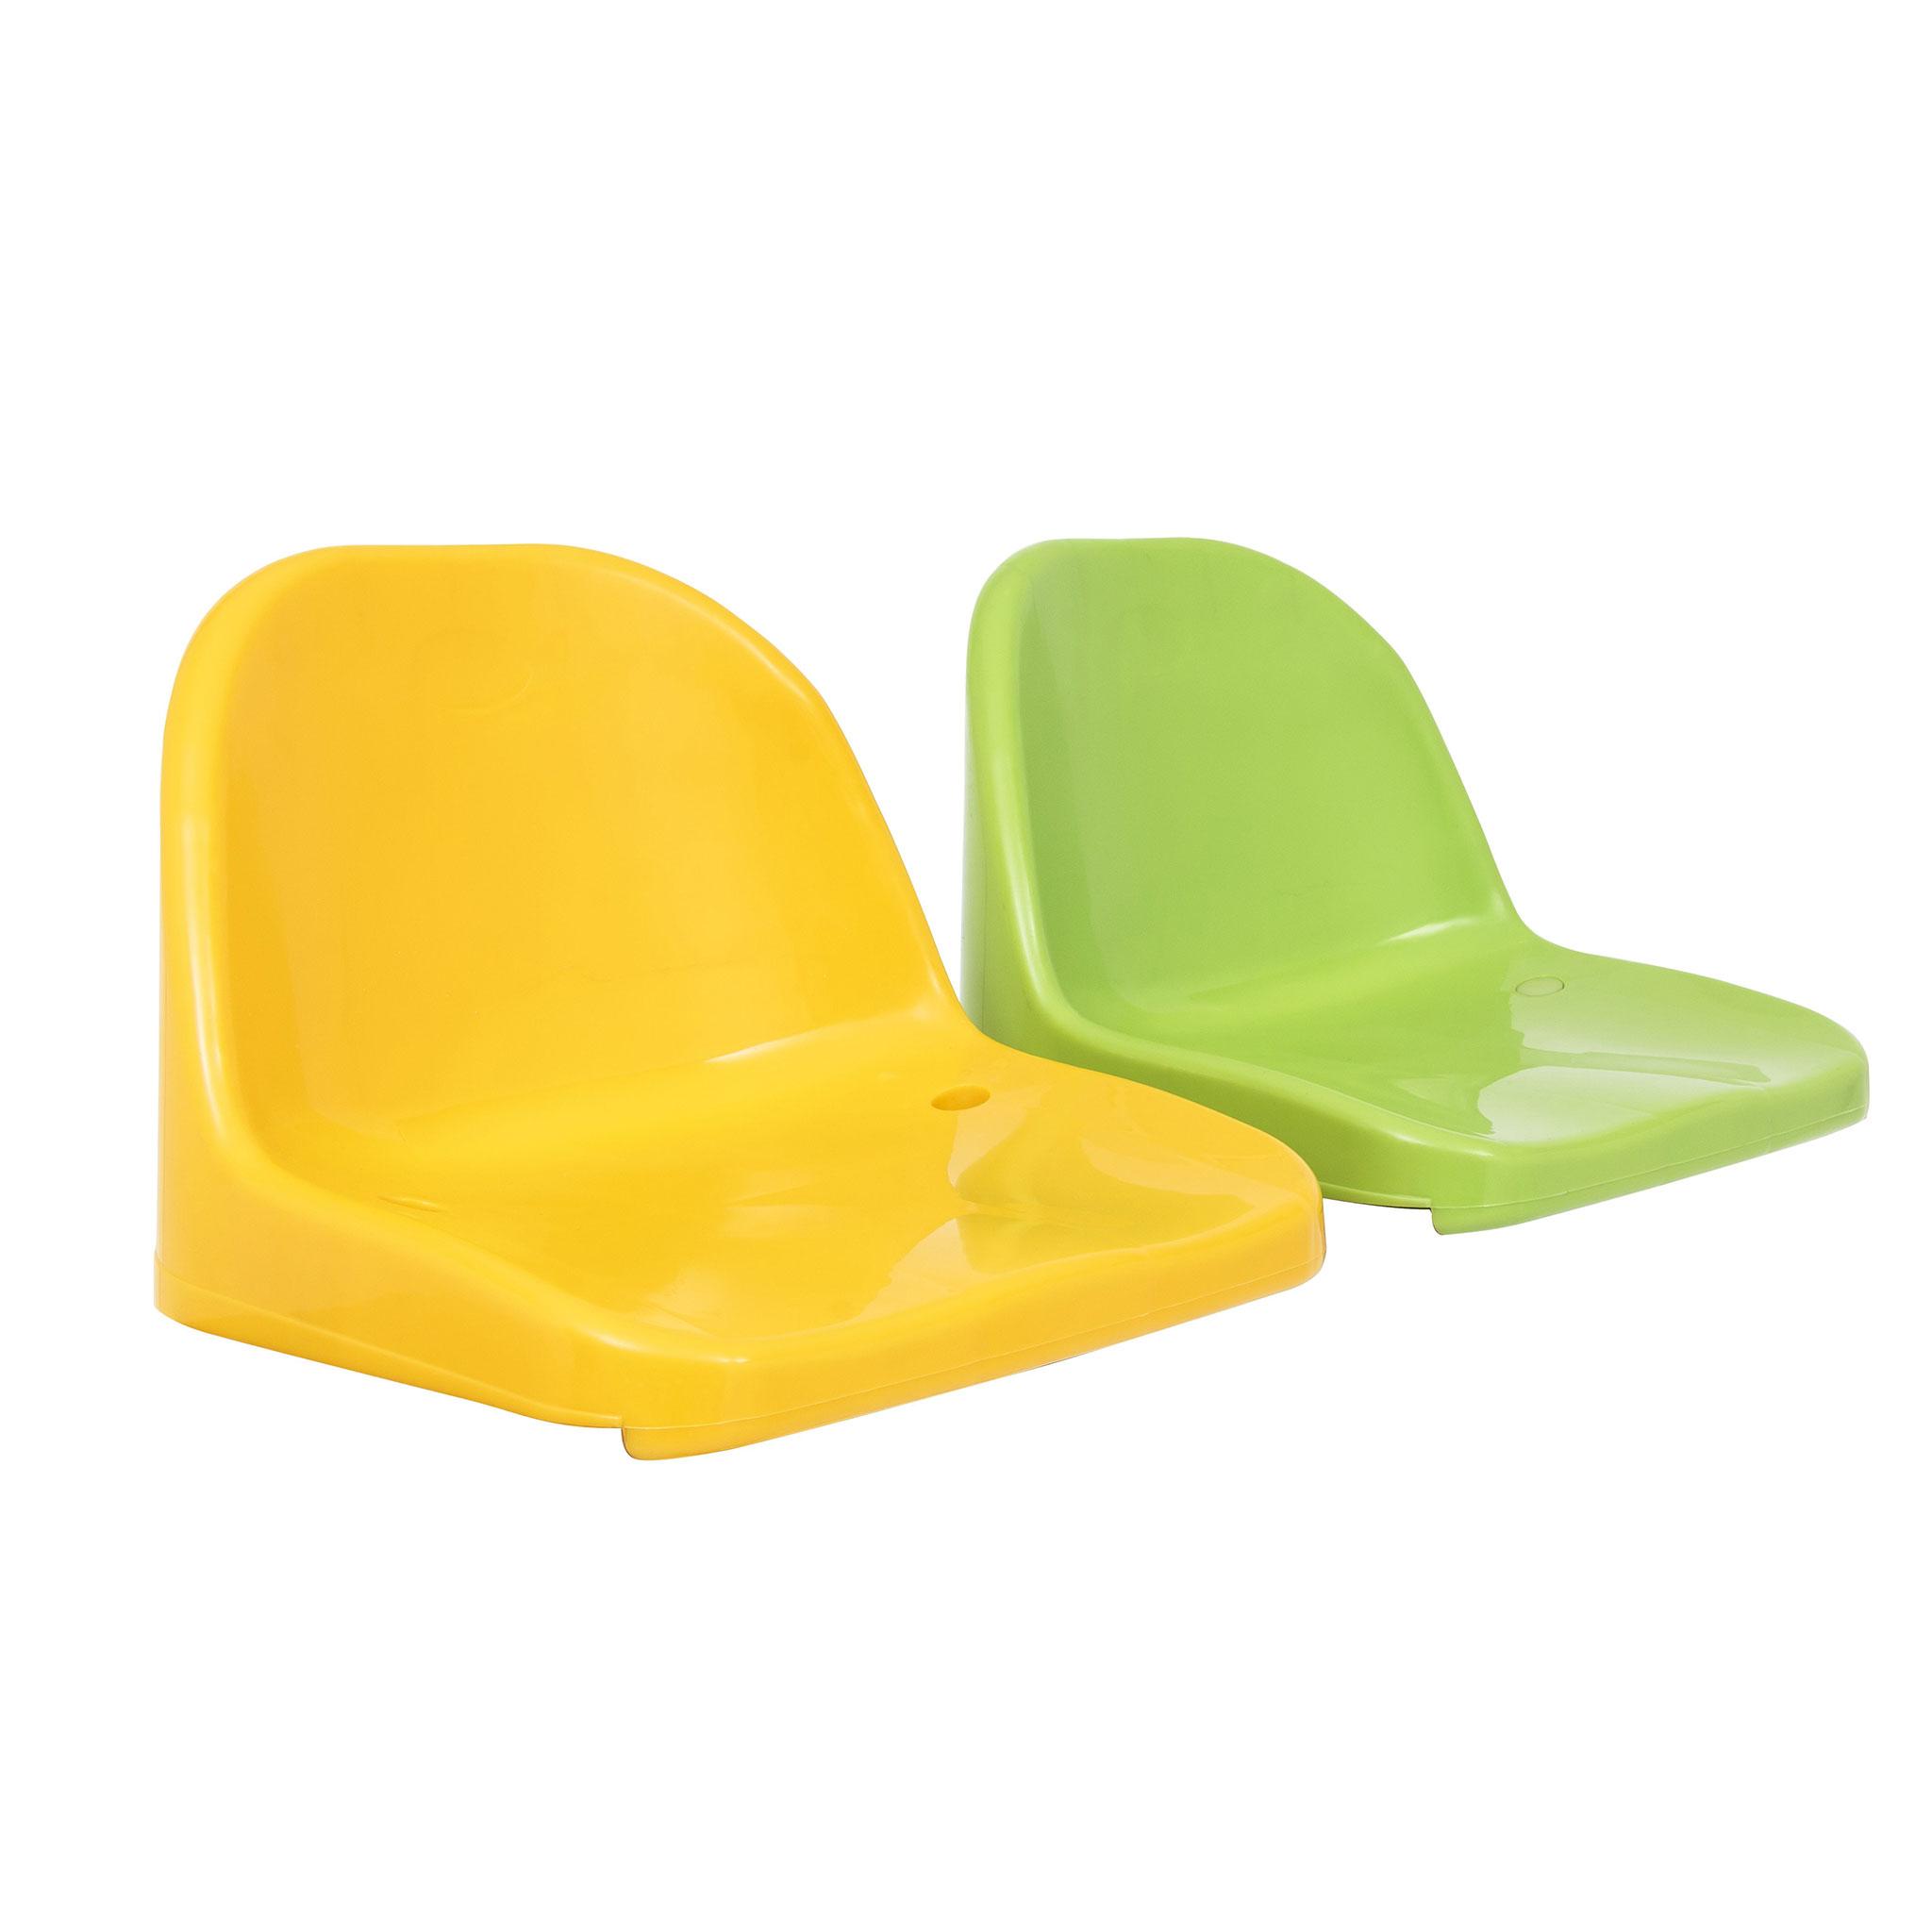 gama_backrest_monoblock_copolymer_pp_stadium_chair_seatorium_02